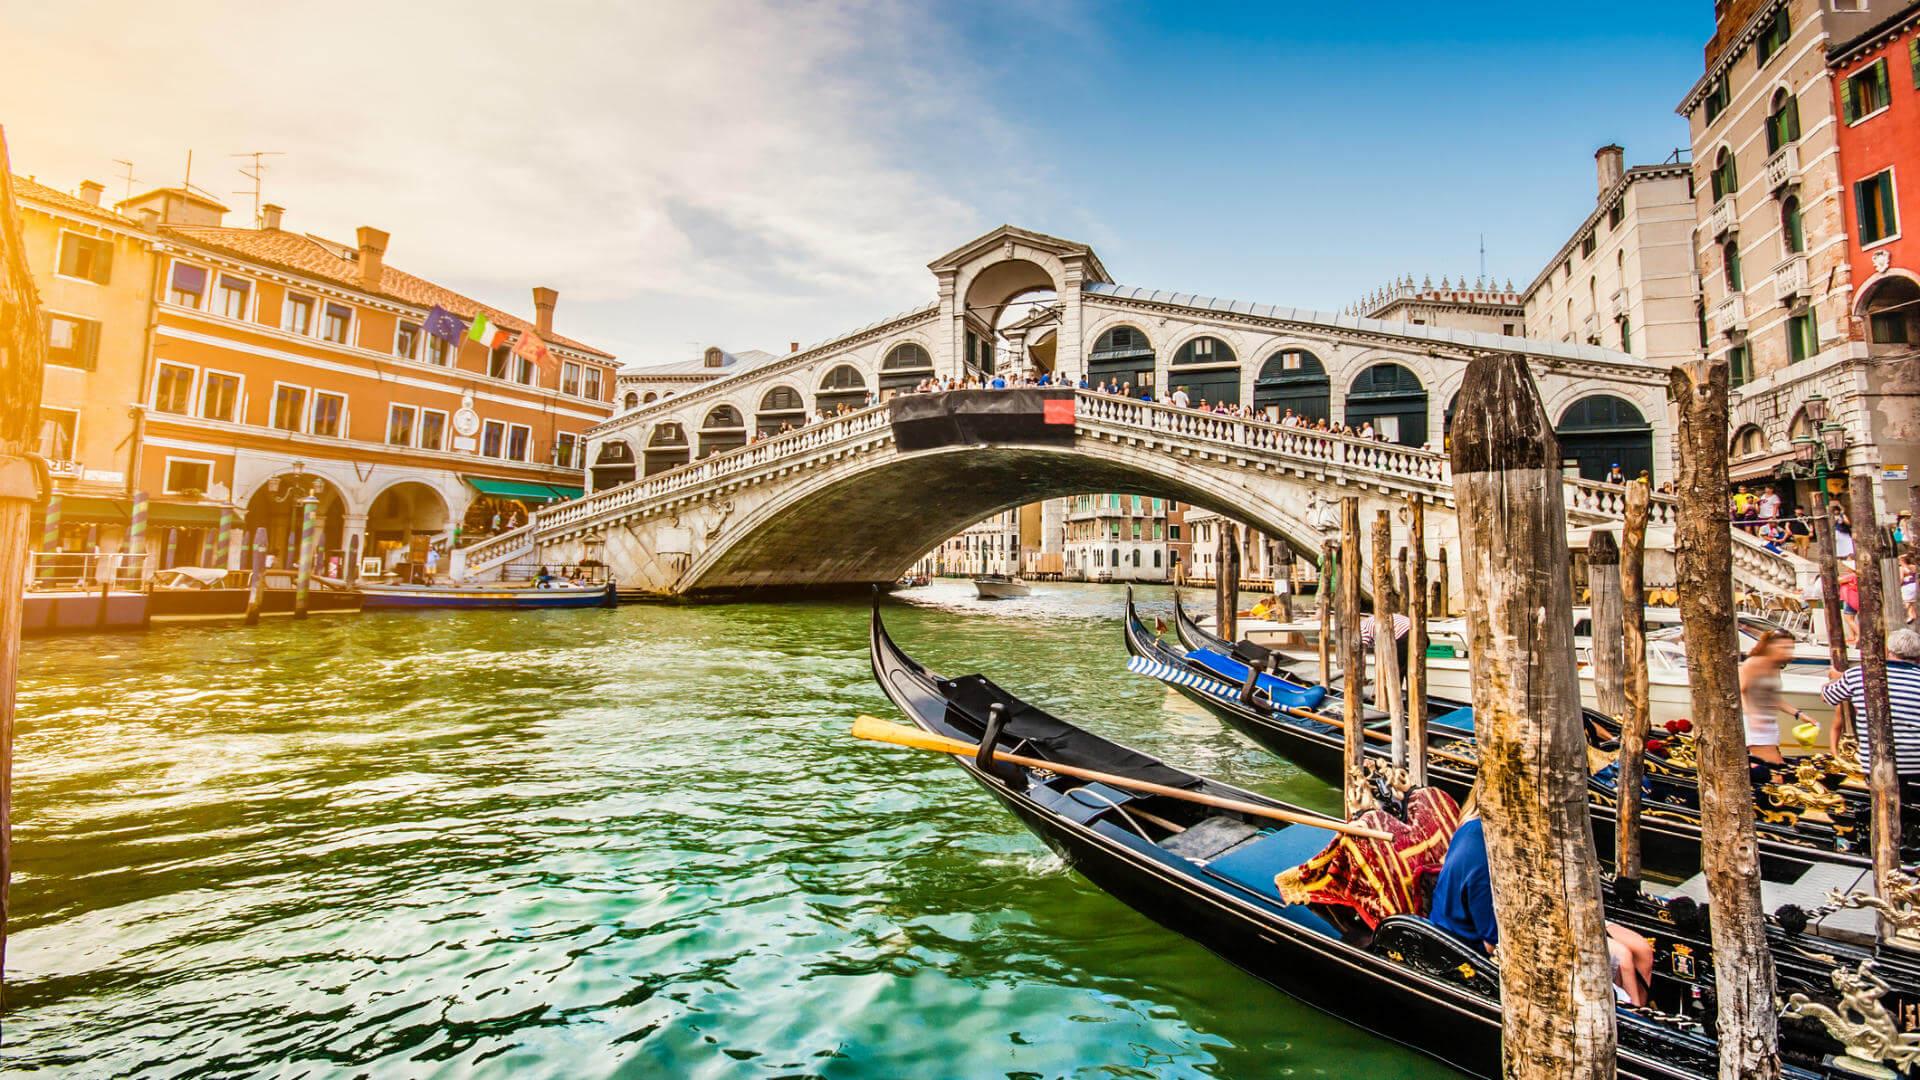 viaje a venecia gondolas